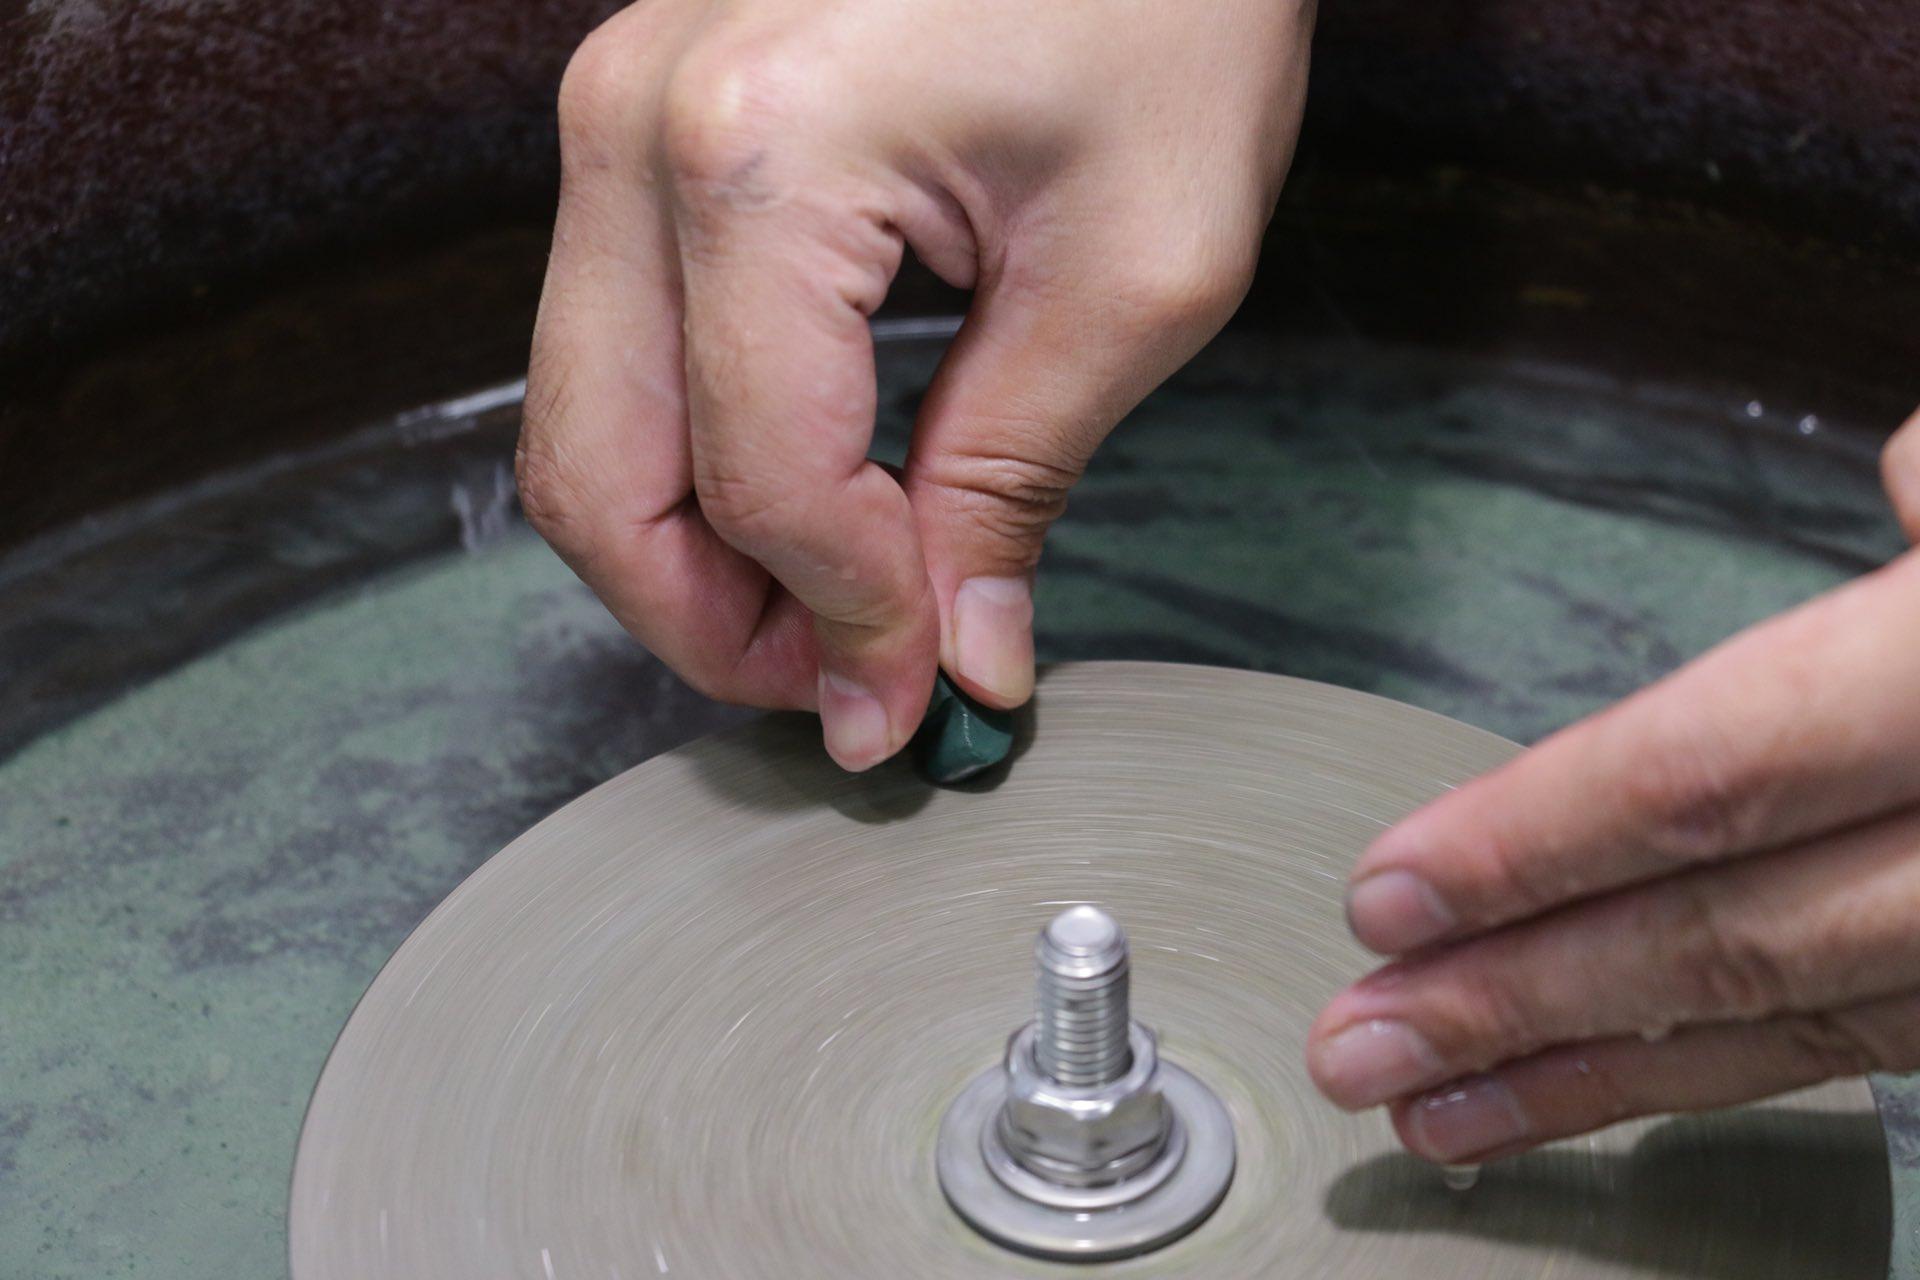 大まかに形を切り出した後は、段階的に道具を変えながら研磨を繰り返します。摩擦熱を抑えるため片手で水を含ませながら、形と表面を整えていきます。